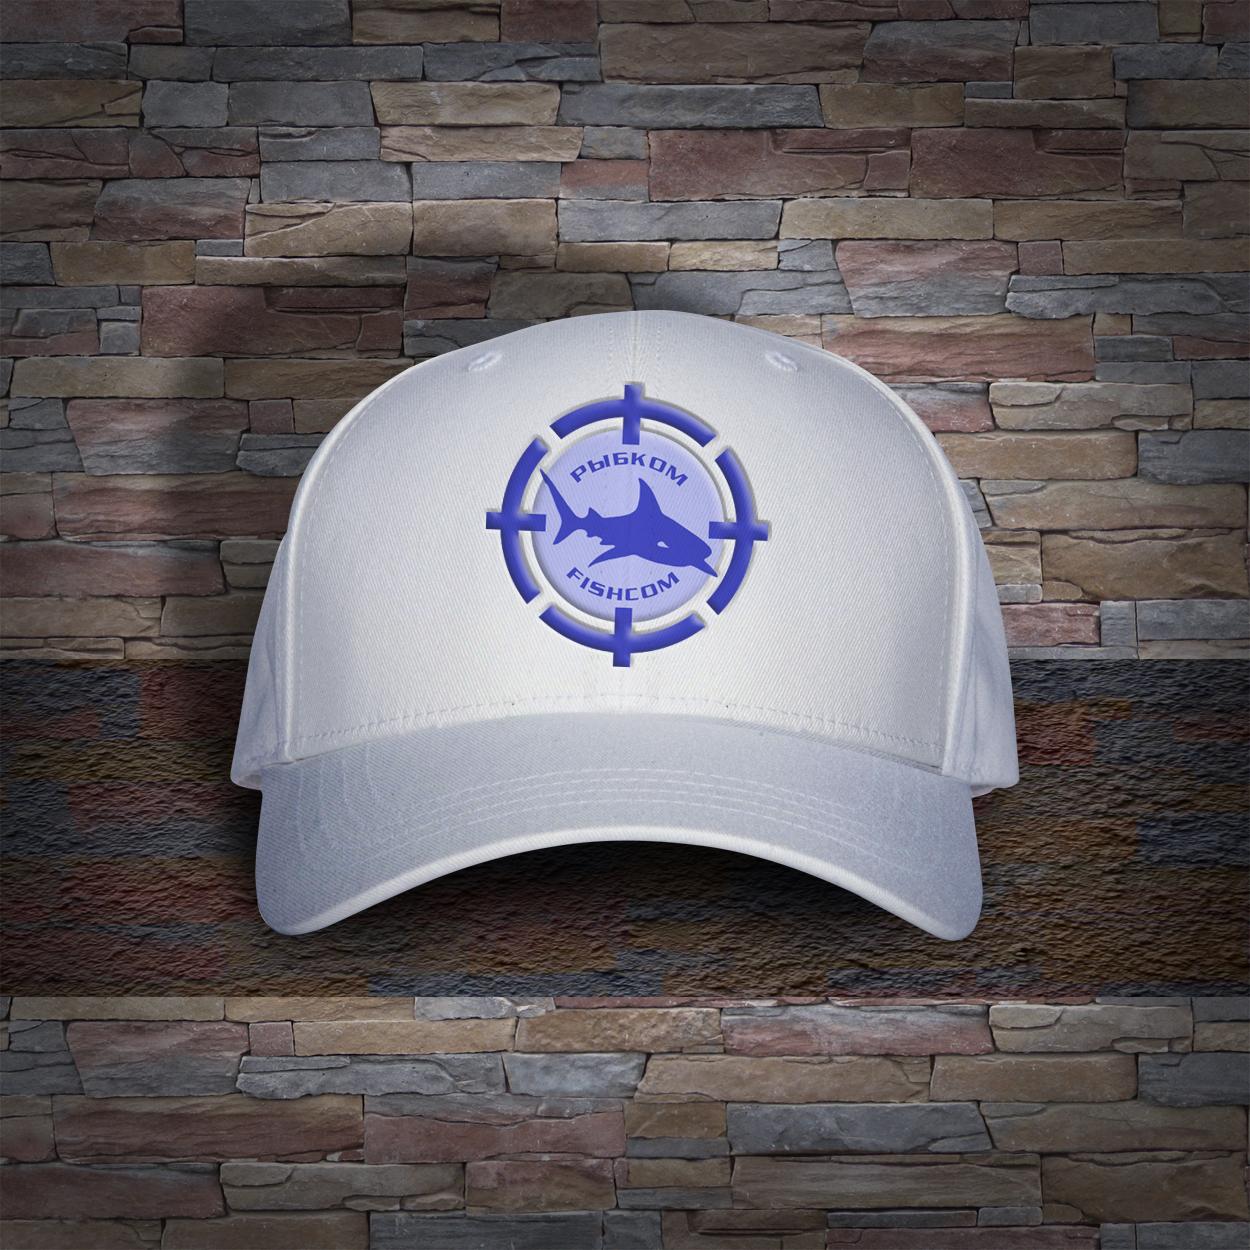 Создание логотипа и брэндбука для компании РЫБКОМ фото f_4025c12c62d5657b.jpg